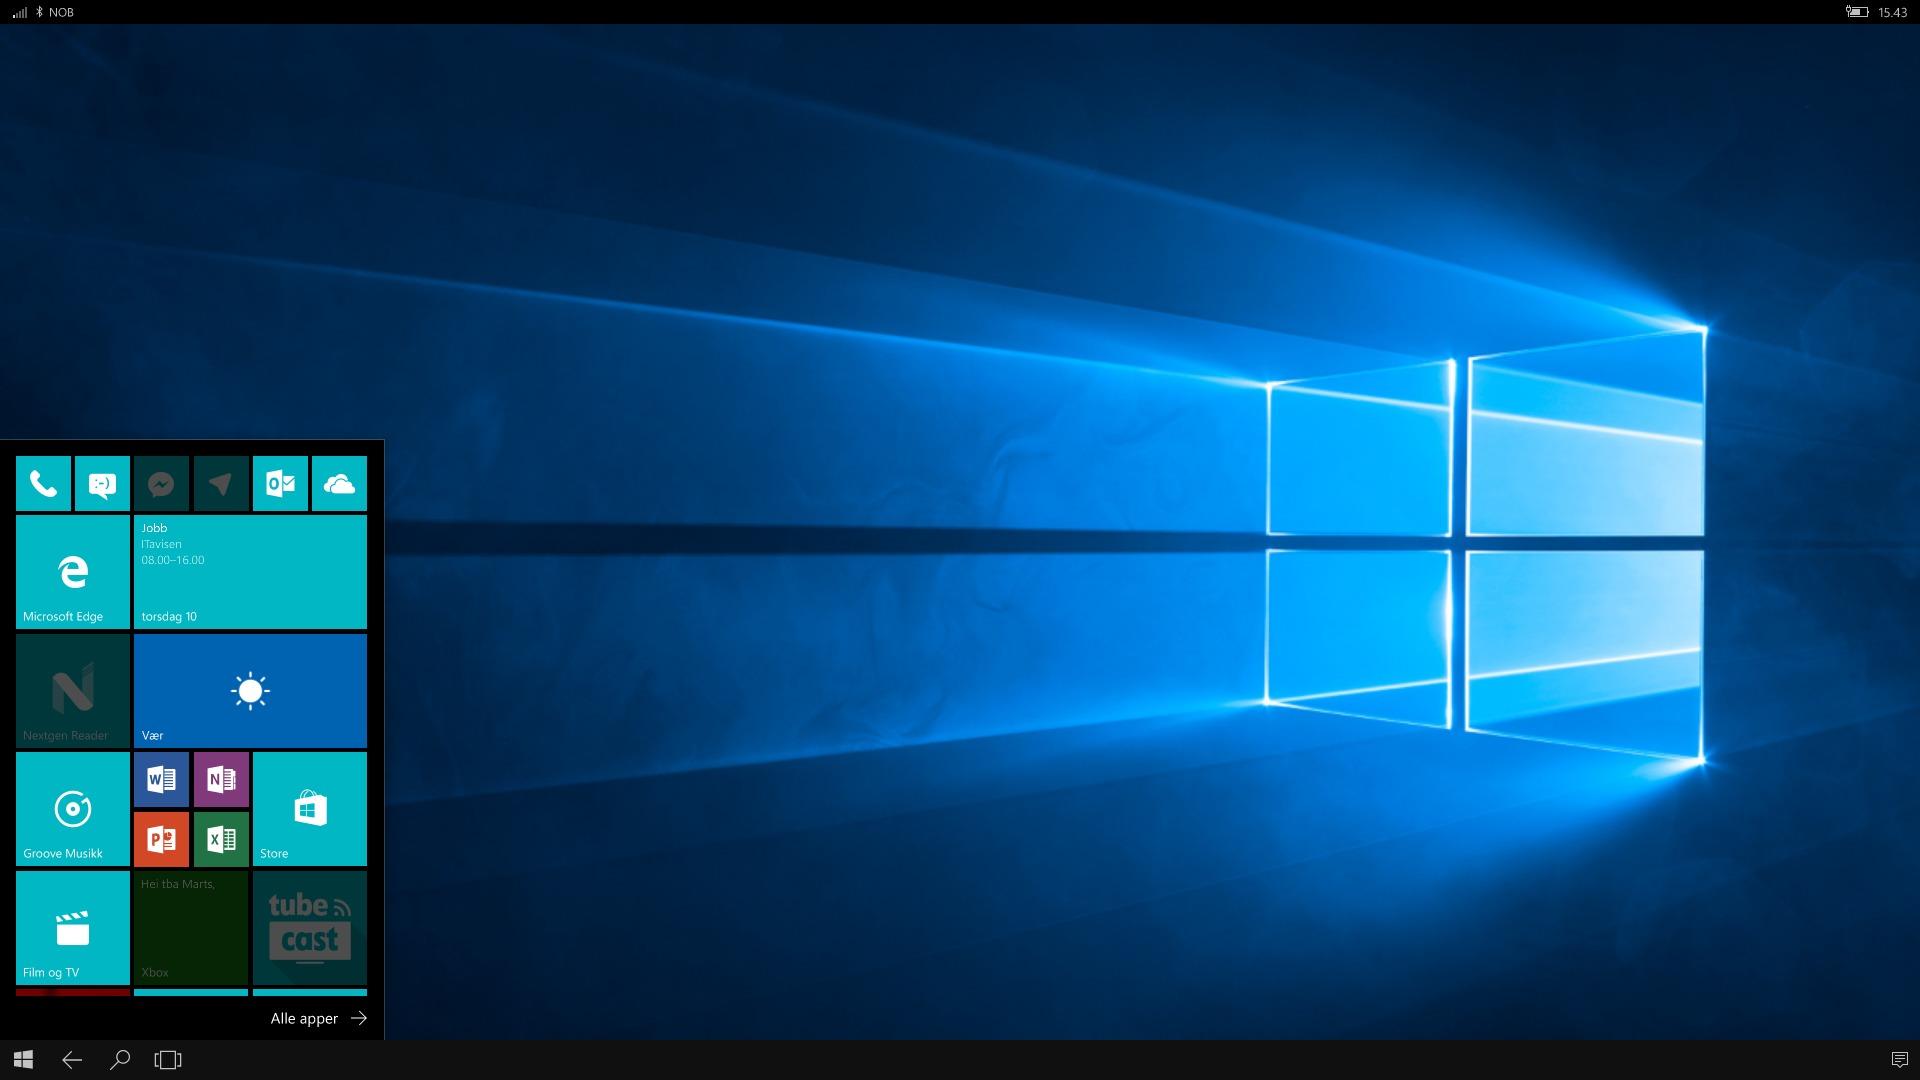 Appene som er grå kan ikke åpnes på den eksterne skjermen.